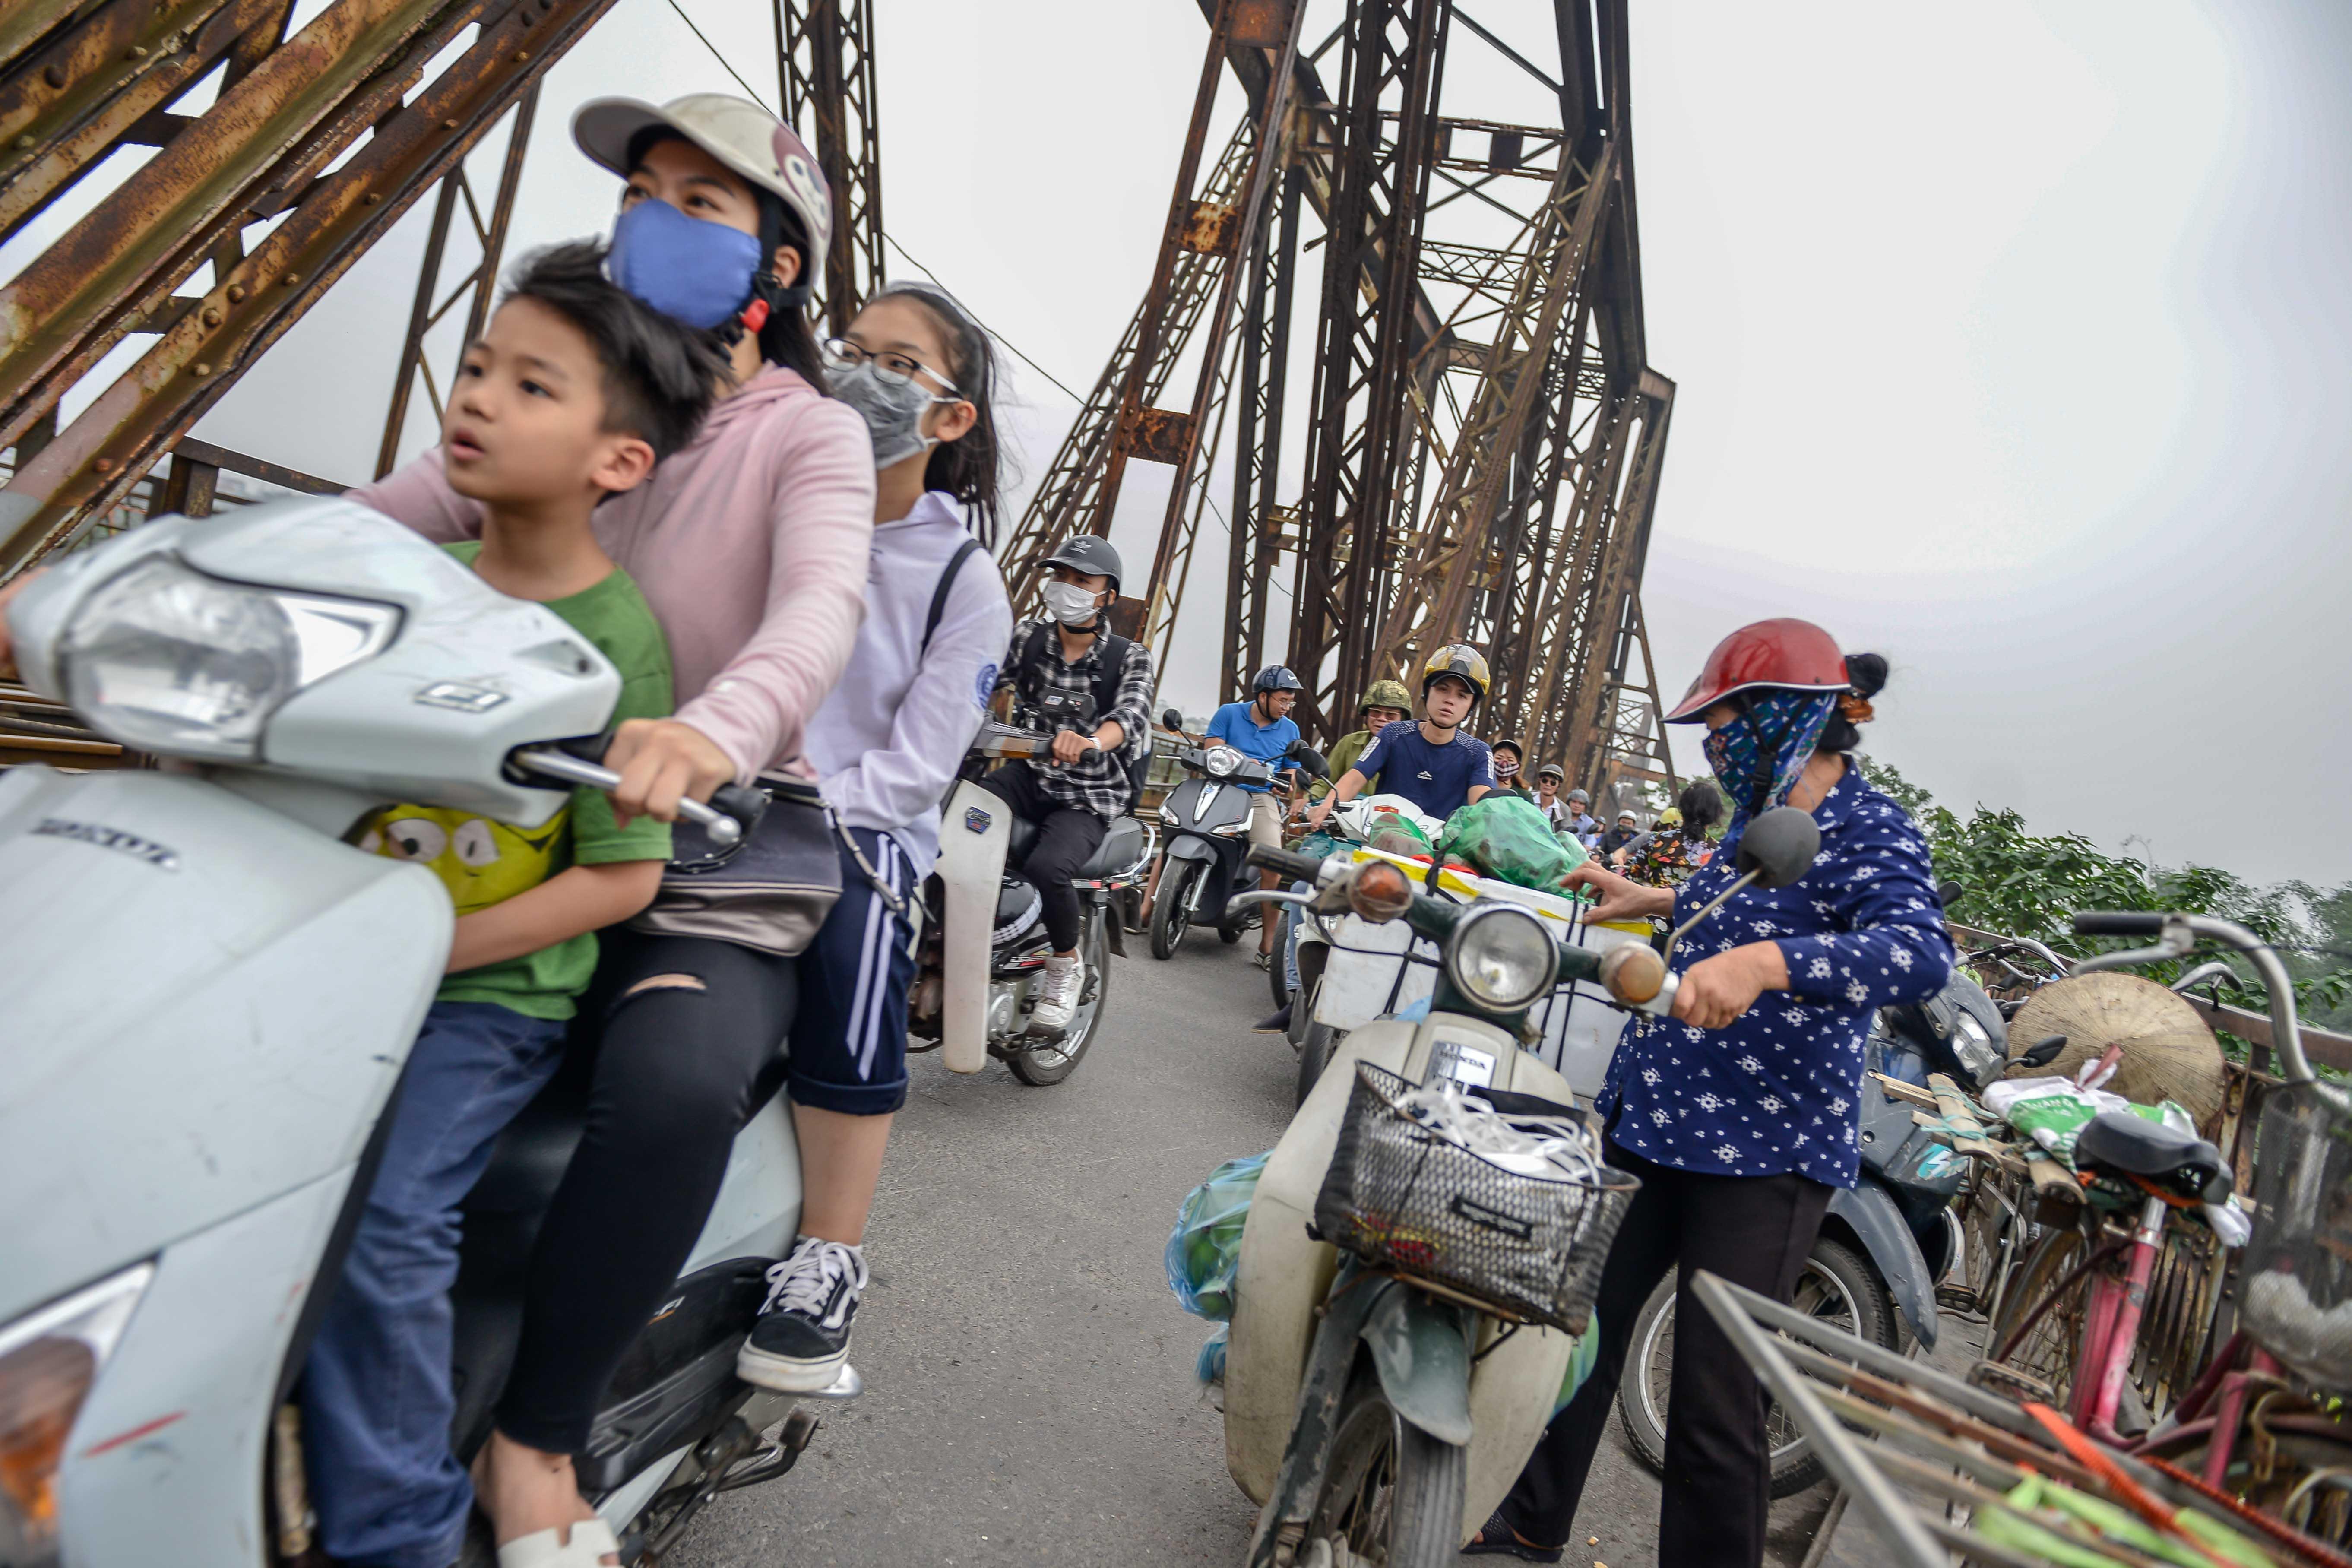 Cầu Long Biên thành chợ cóc, giao thông ùn ứ Ảnh 6